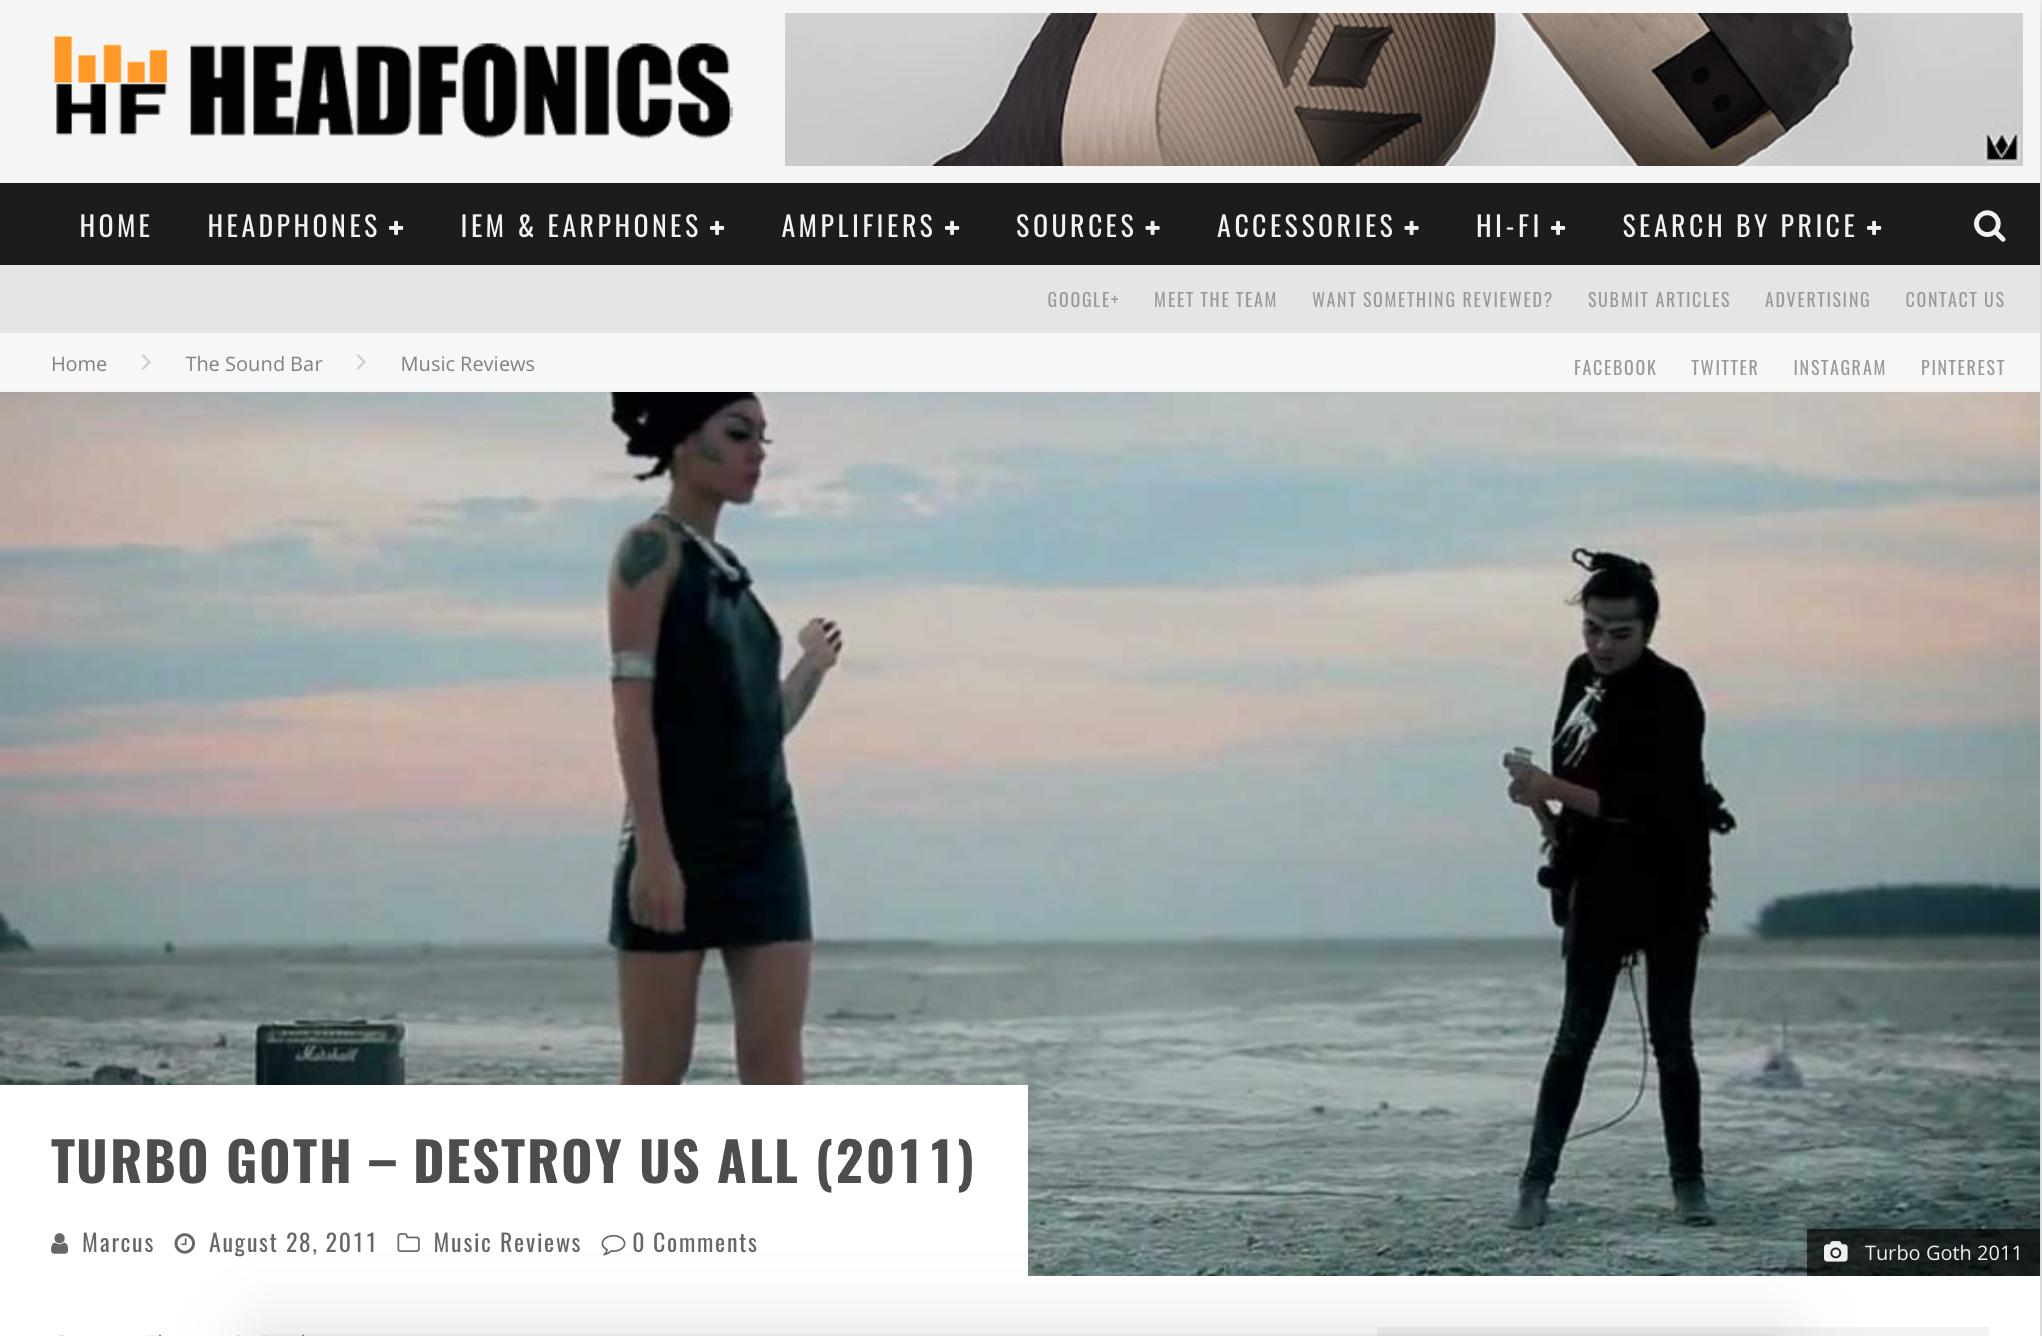 Headfonics.com